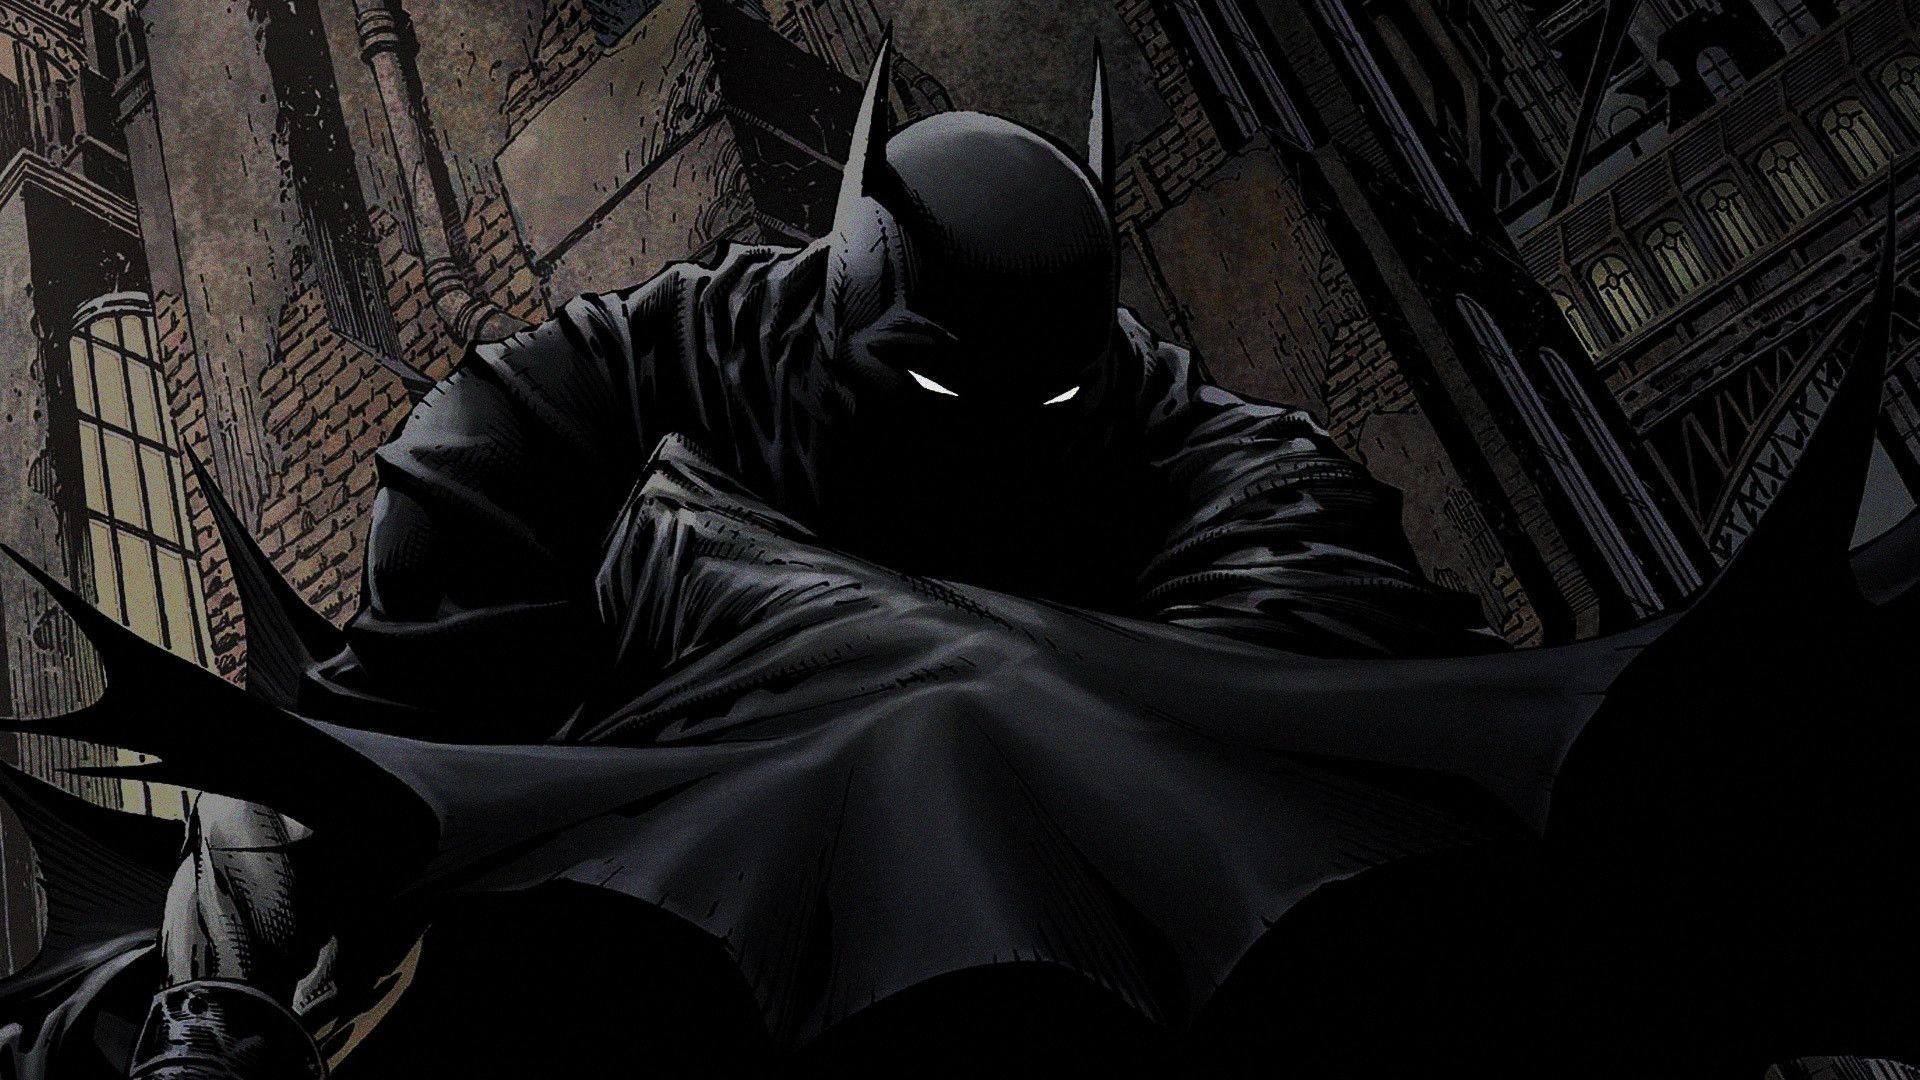 Dc Comics Batman Wallpapers HD Resolution